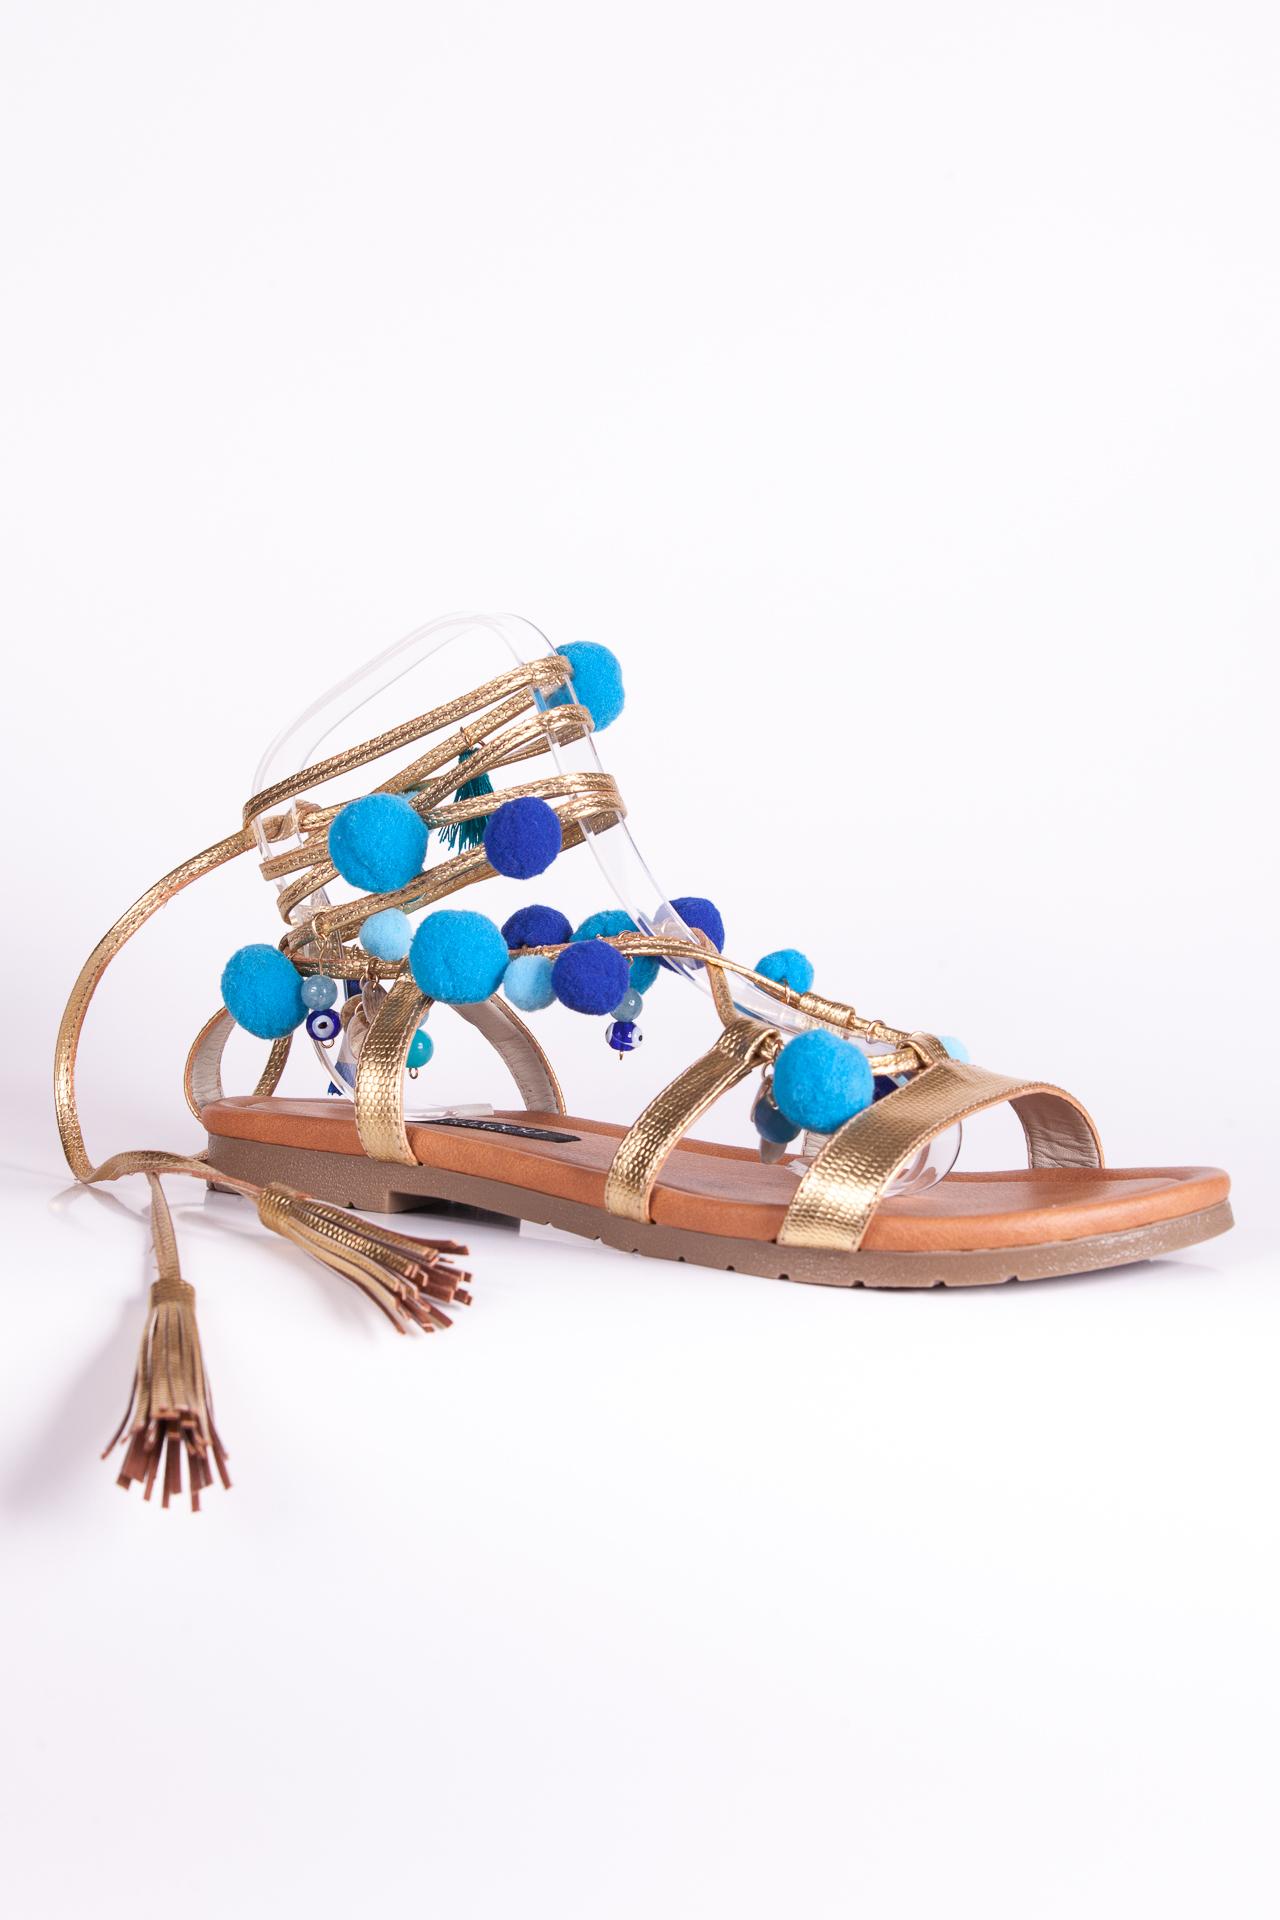 Sandalias doradas con pompones y aplicaciones. Confeccionadasa mano.